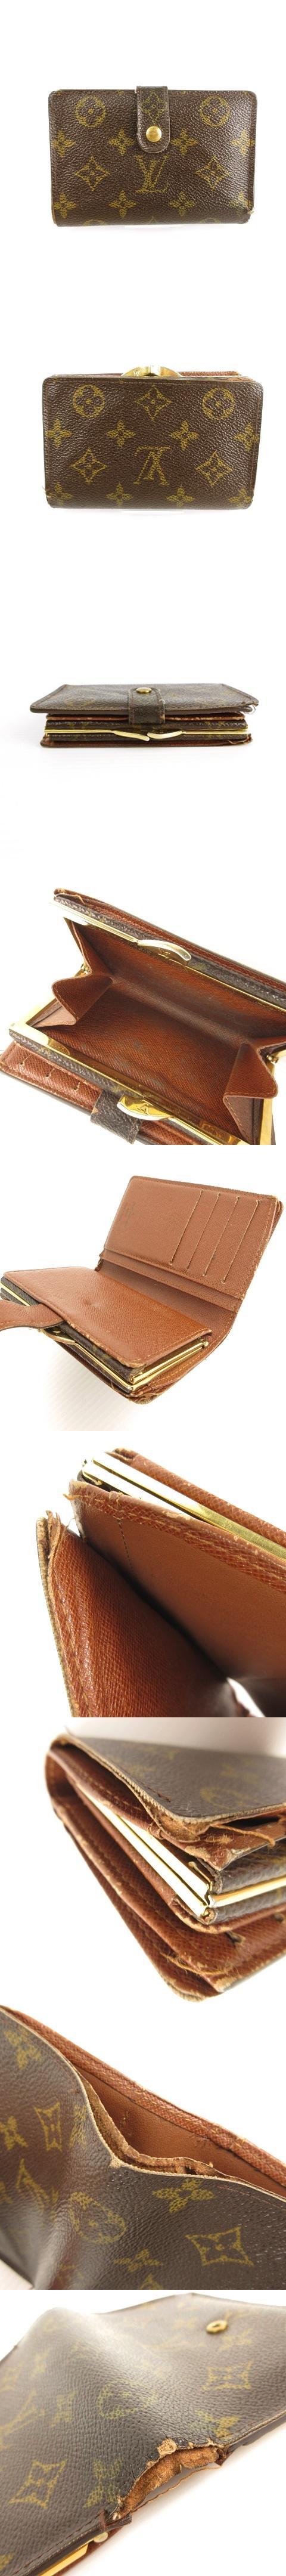 モノグラム ポルト モネ ビエ ヴィエノワ M61663 財布 ウォレット 二つ折り がま口 小銭入れあり ブラウン 茶